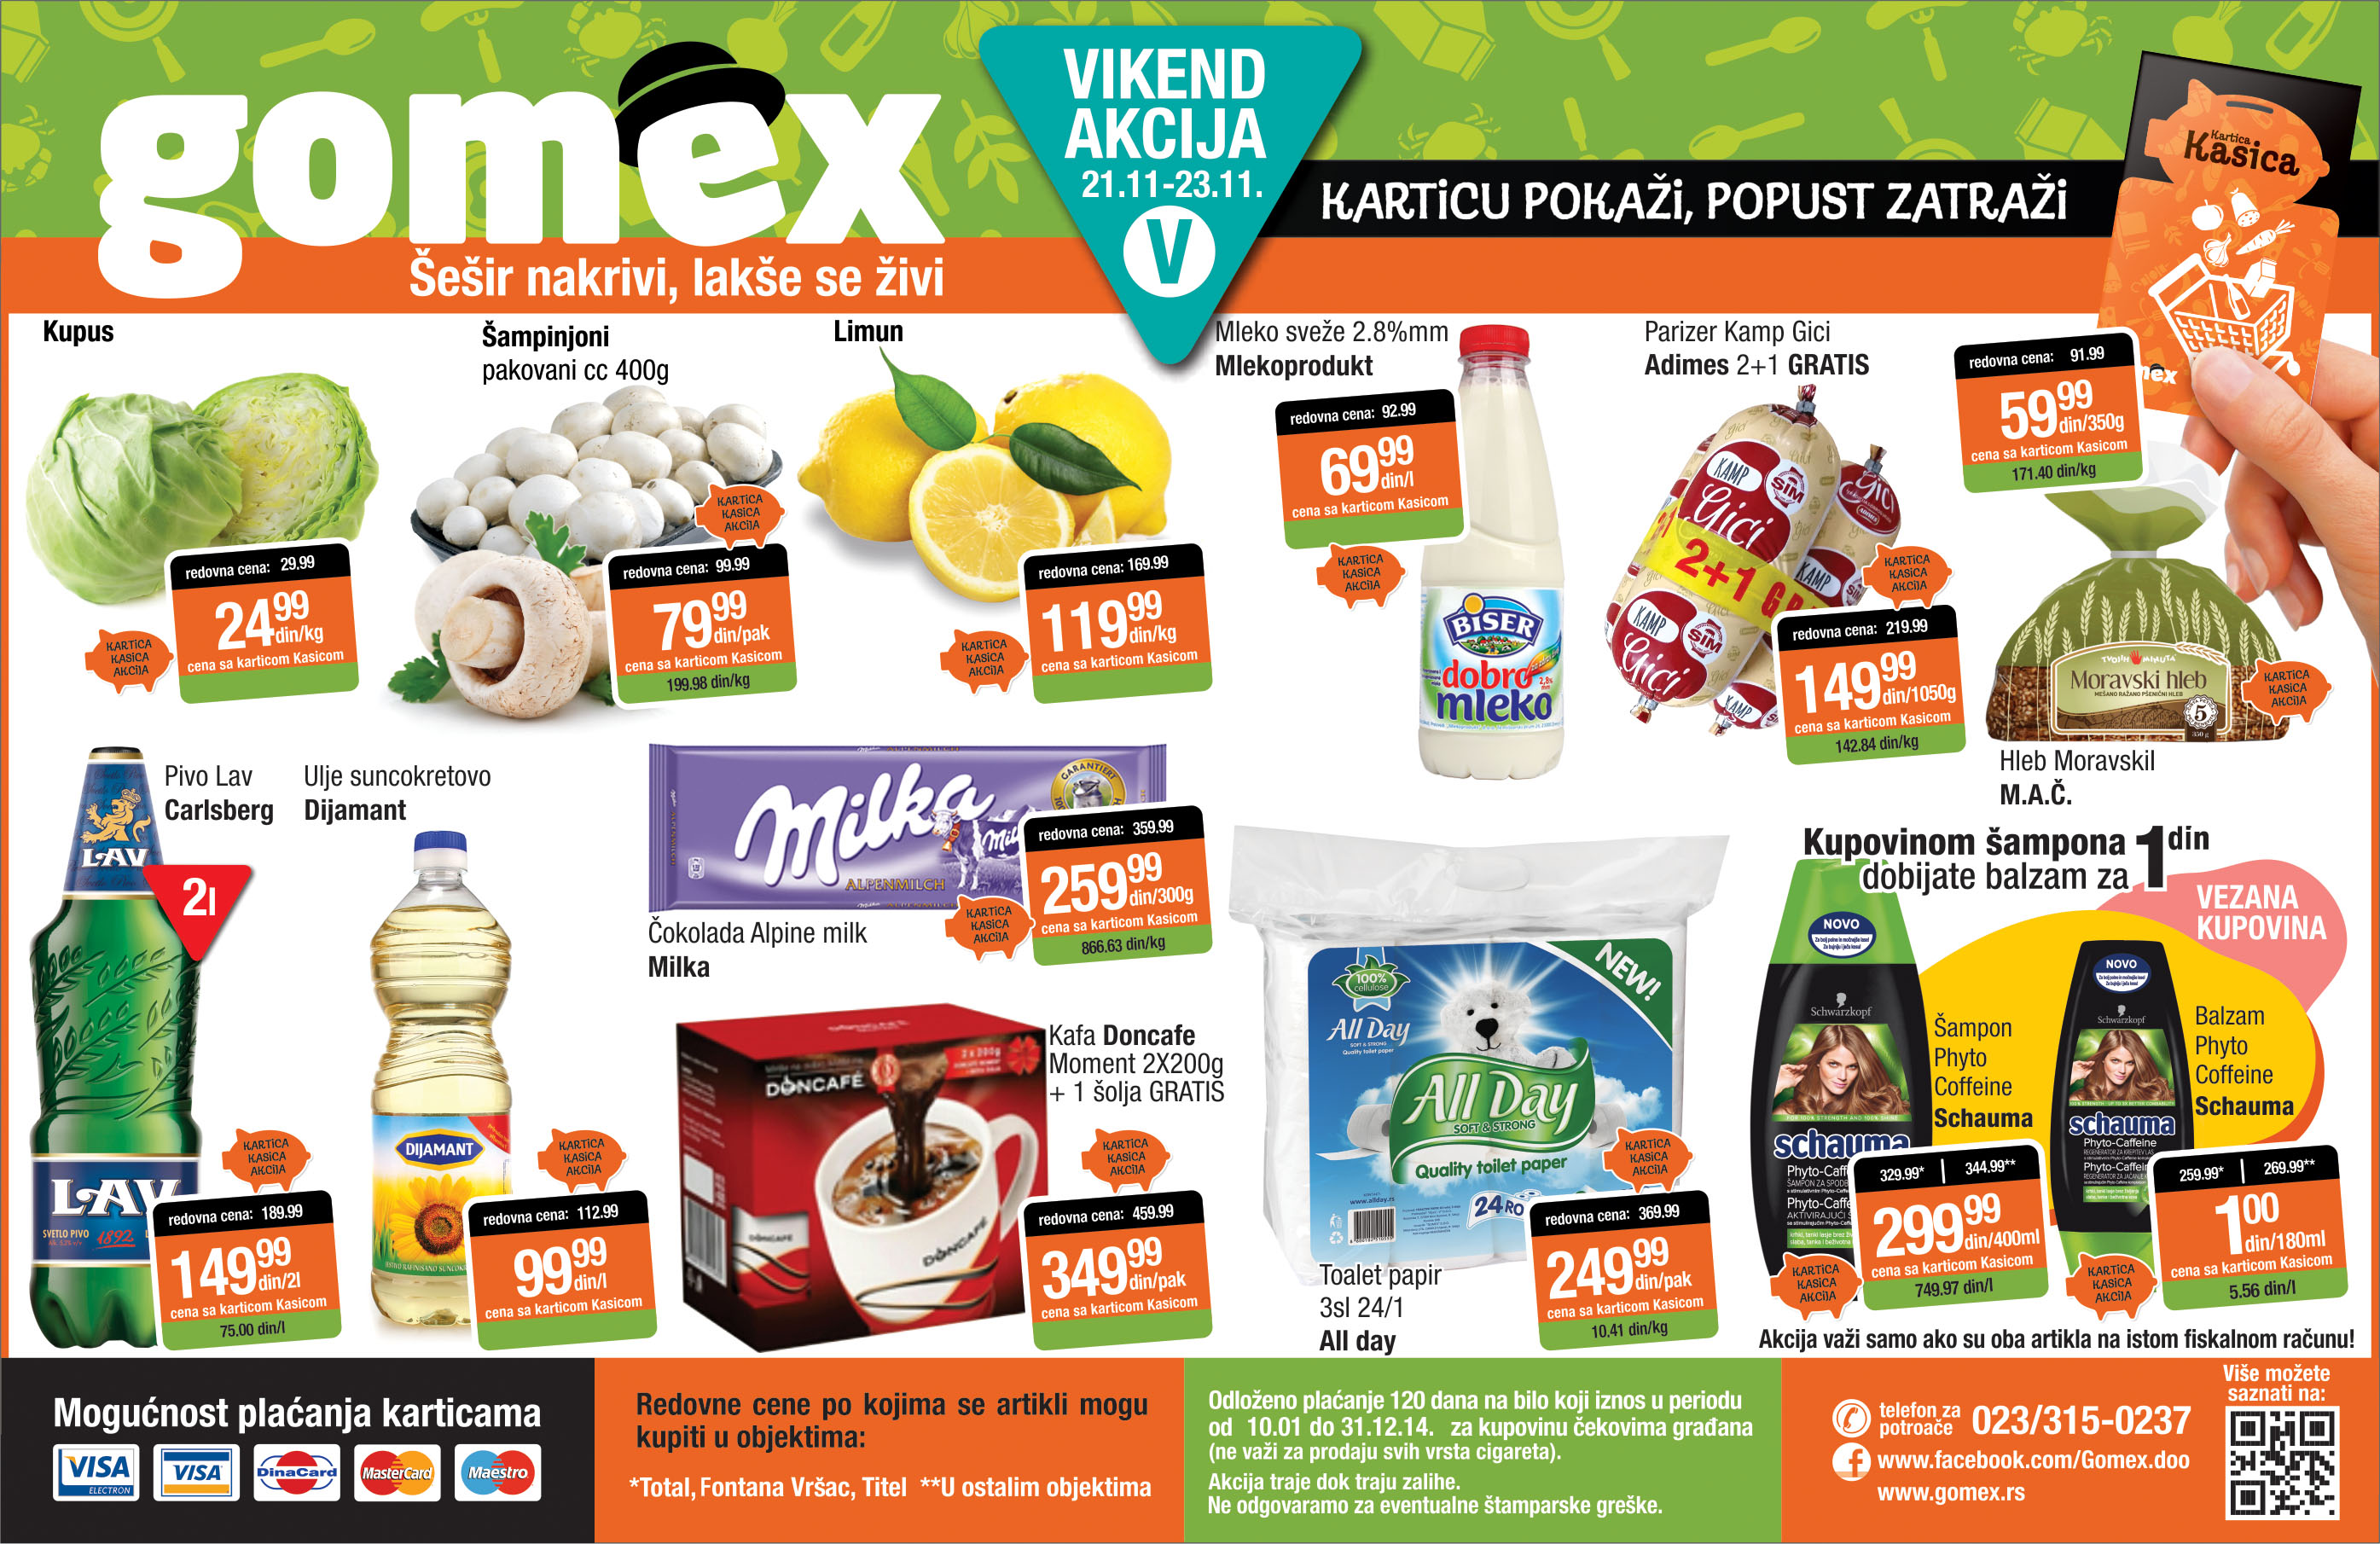 Gomex akcija vikend sjajnih cena je spremna